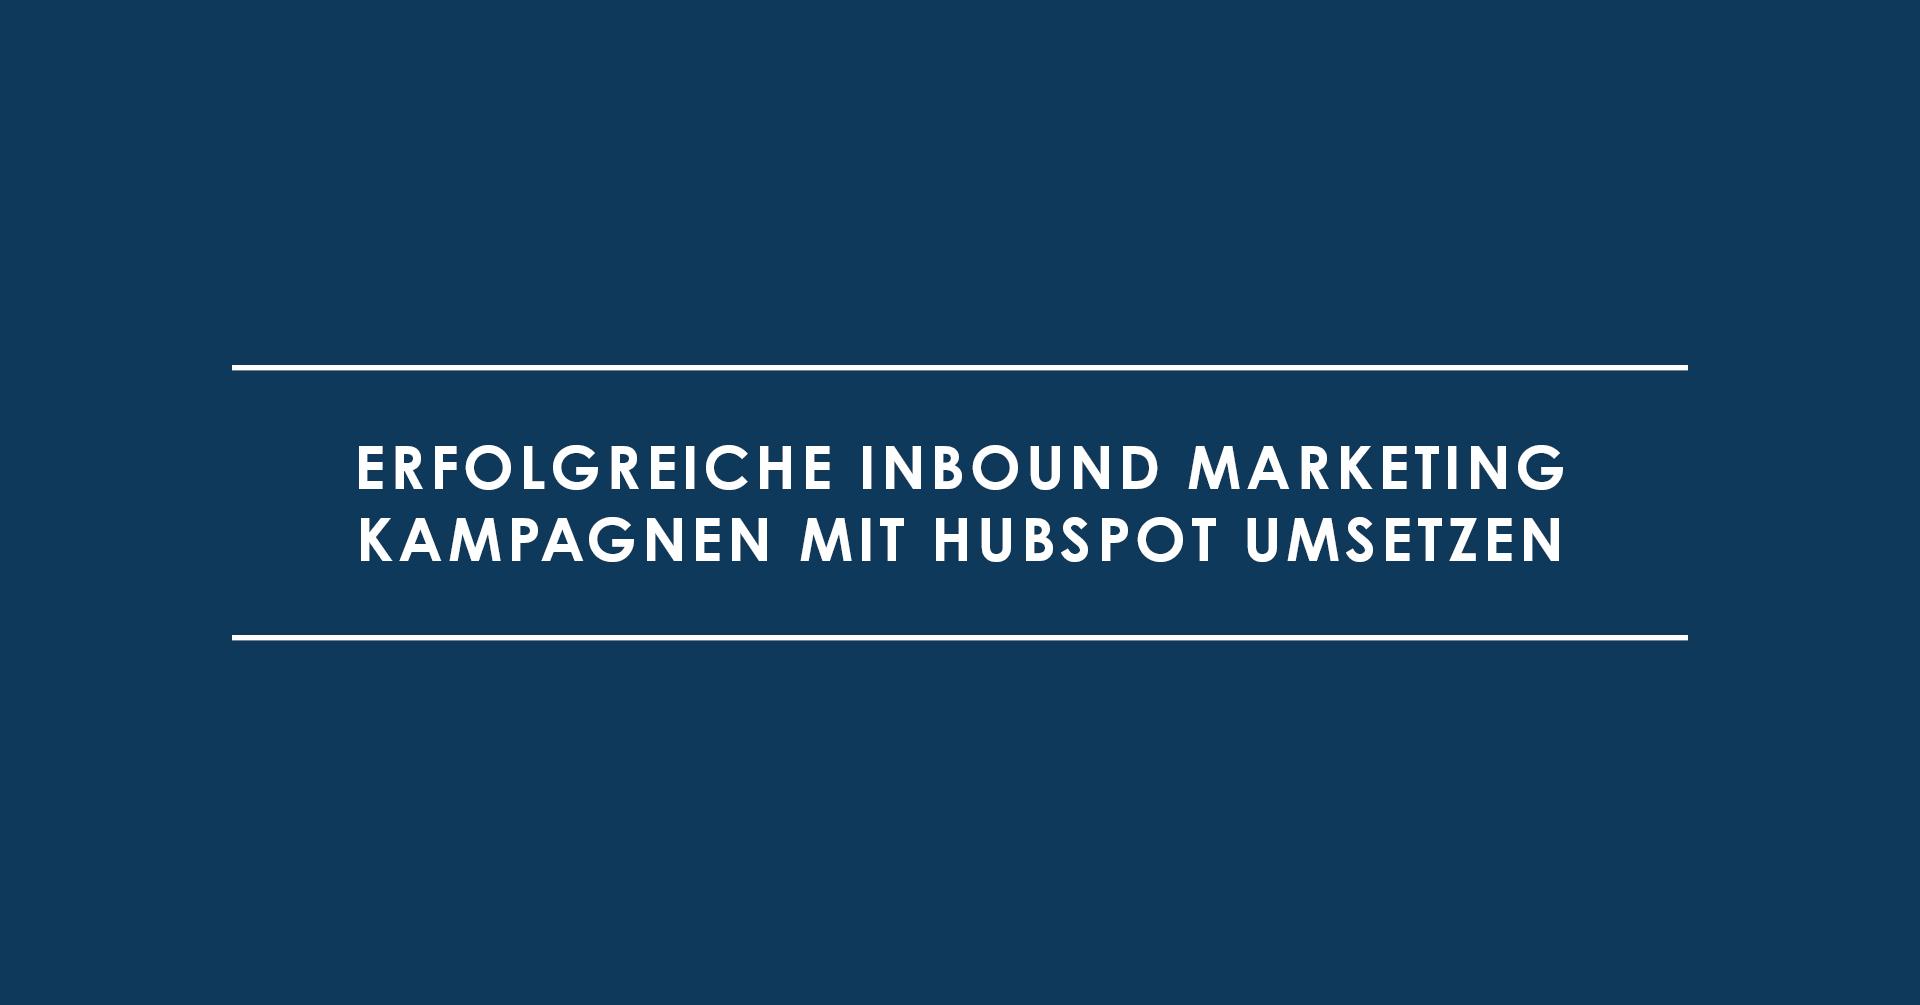 Erfolgreiche Inbound Marketing Kampagnen mit HubSpot umsetzen